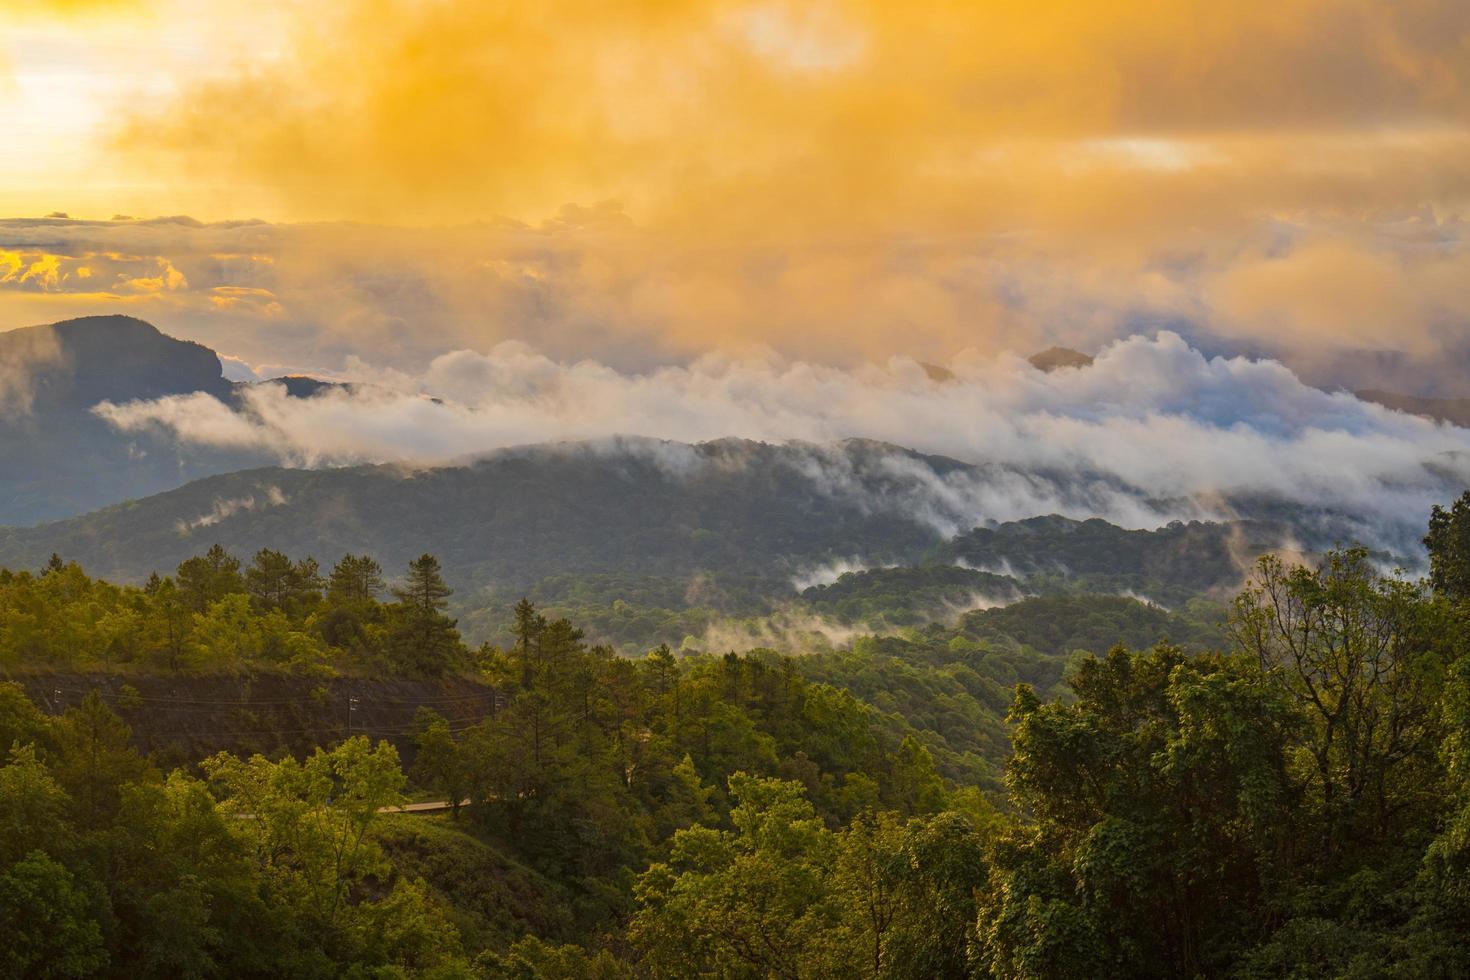 pôr do sol acima das montanhas foto